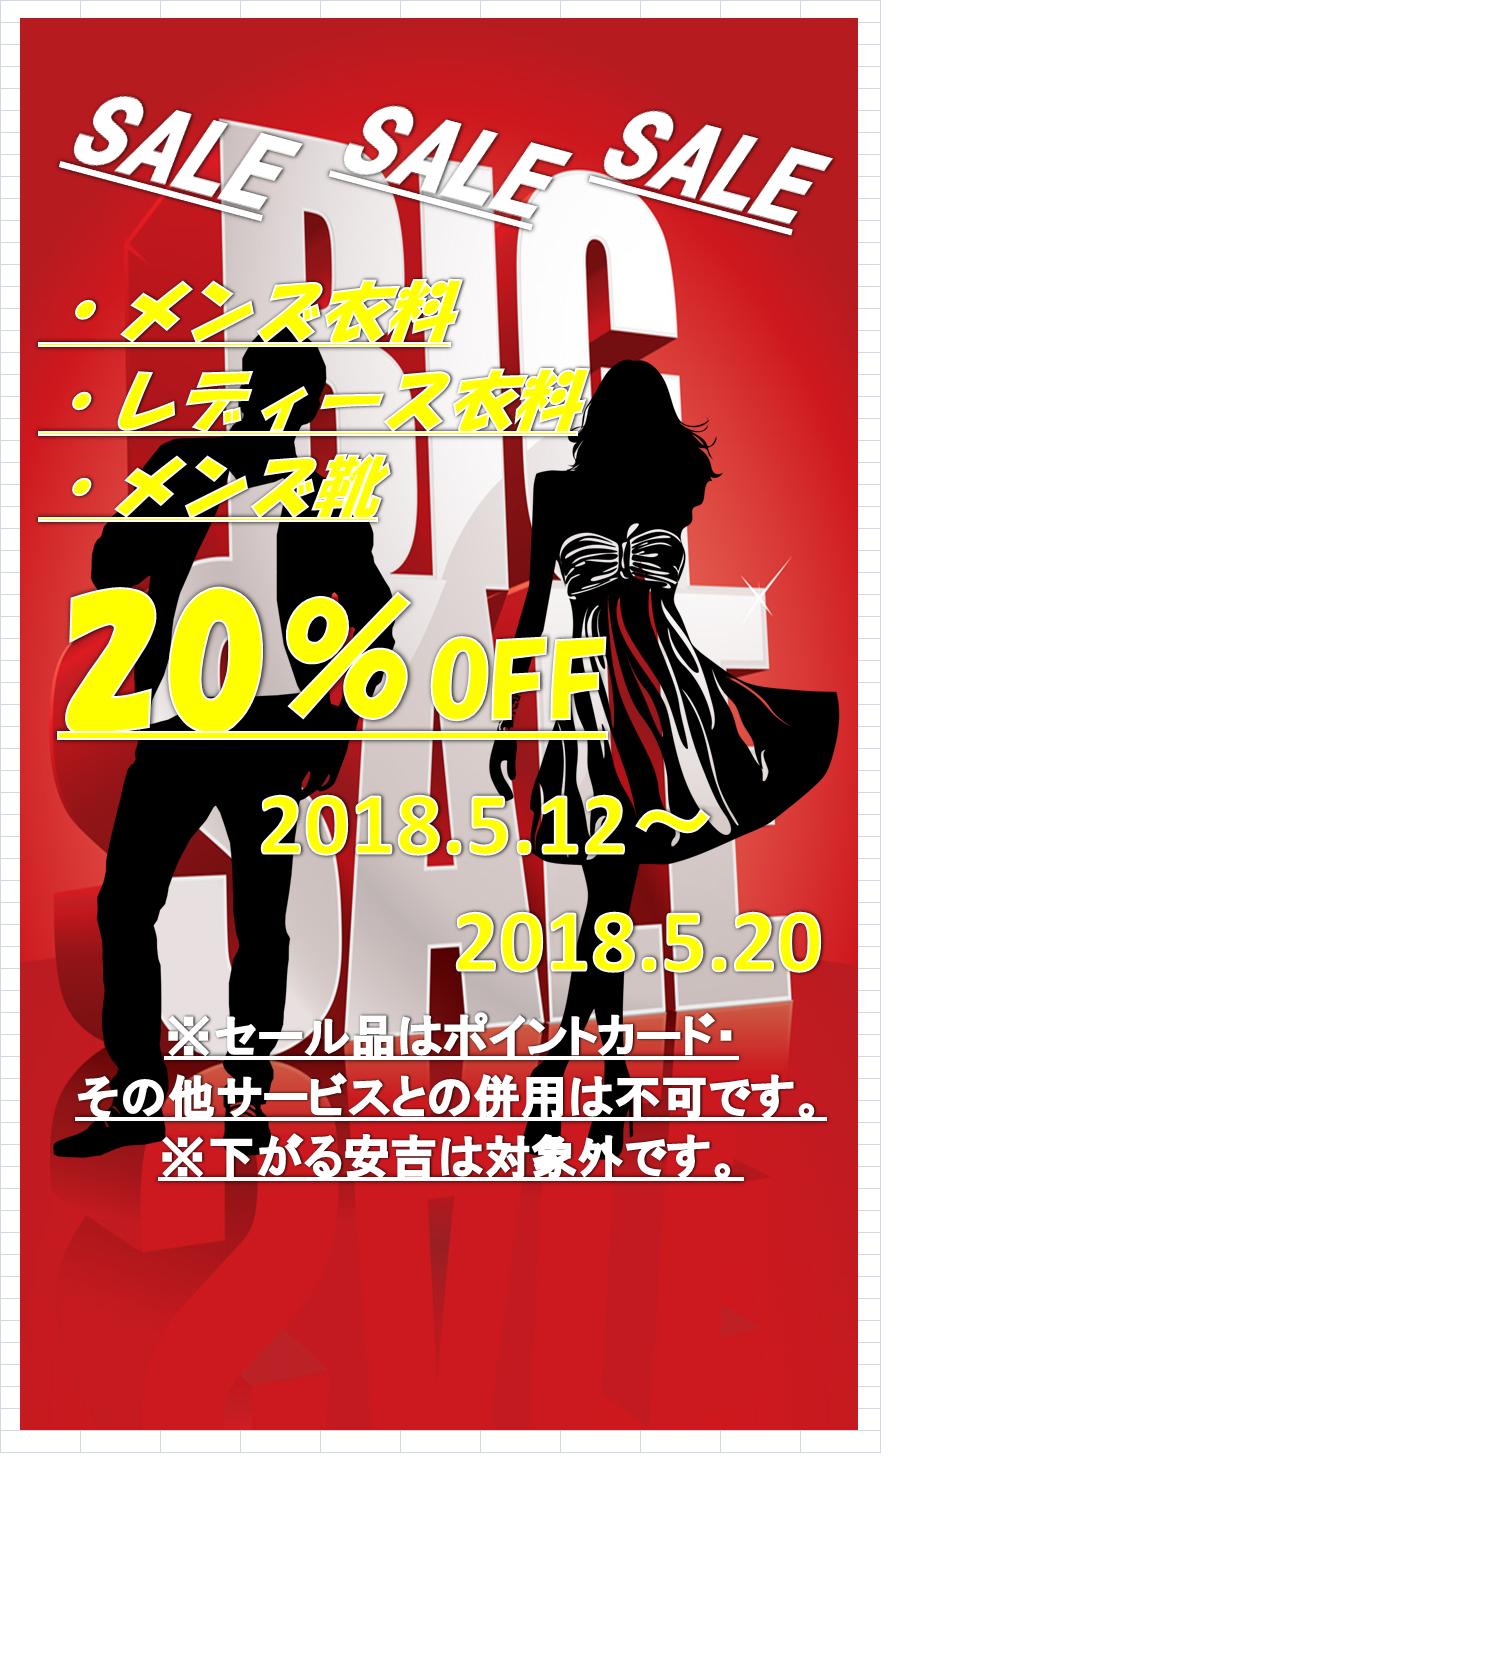 【セール情報】犬山市からは183号を西へ「草井」信号左ですぐ☆エコパーク江南店【5月20日まで】